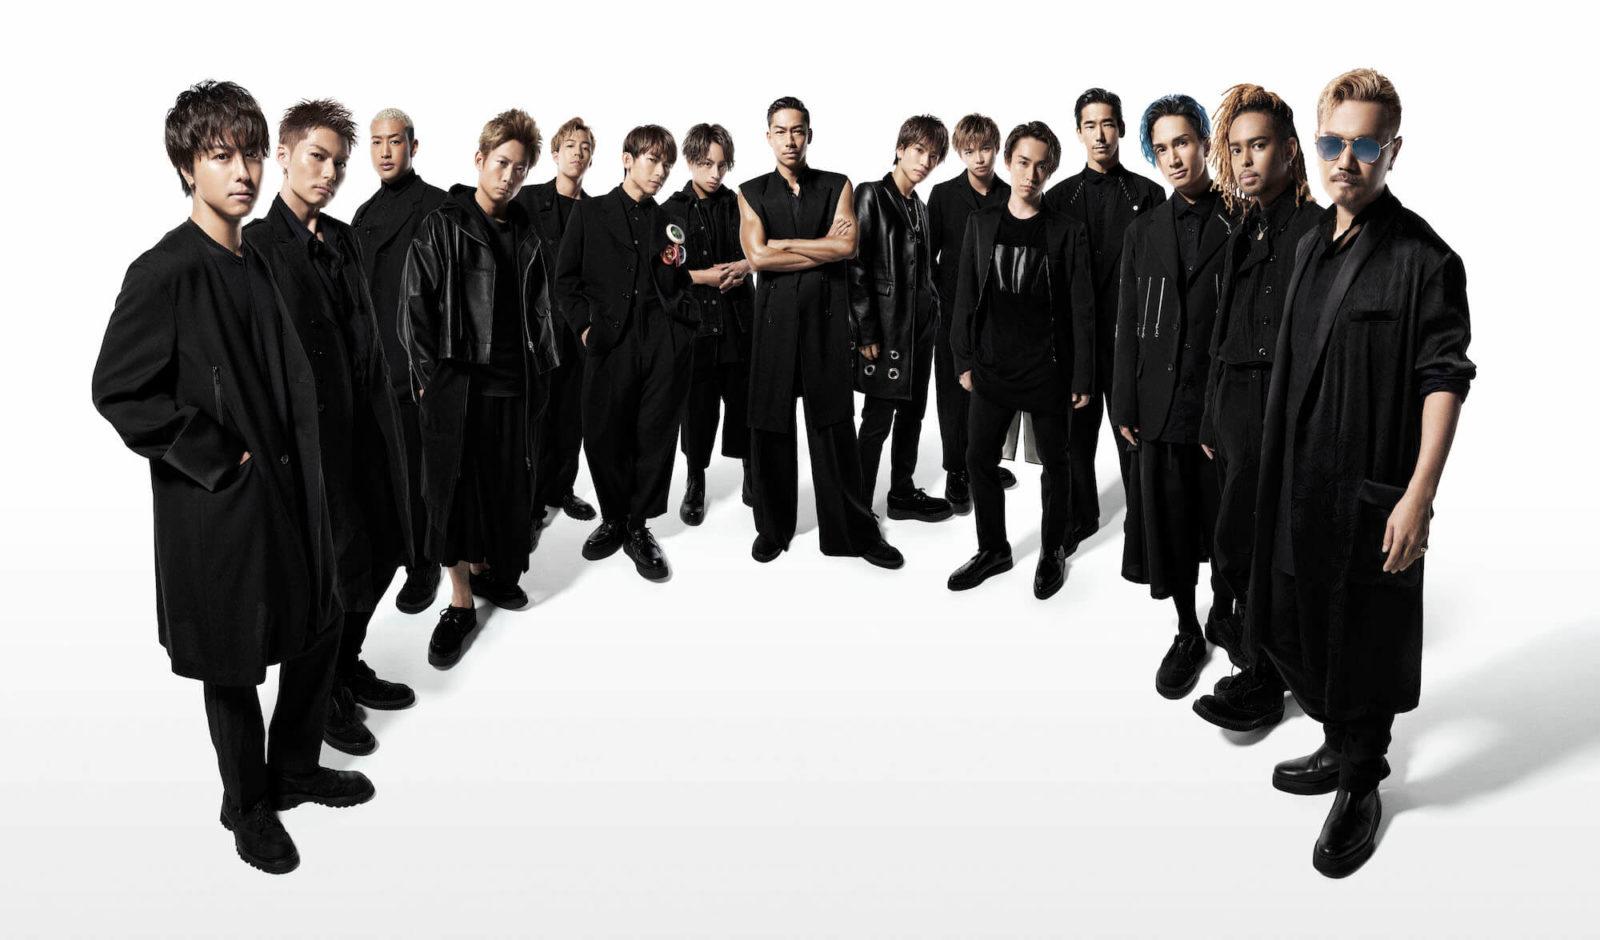 EXILEの2019年の幕開けを飾る新曲「Love of History」が配信スタートサムネイル画像!